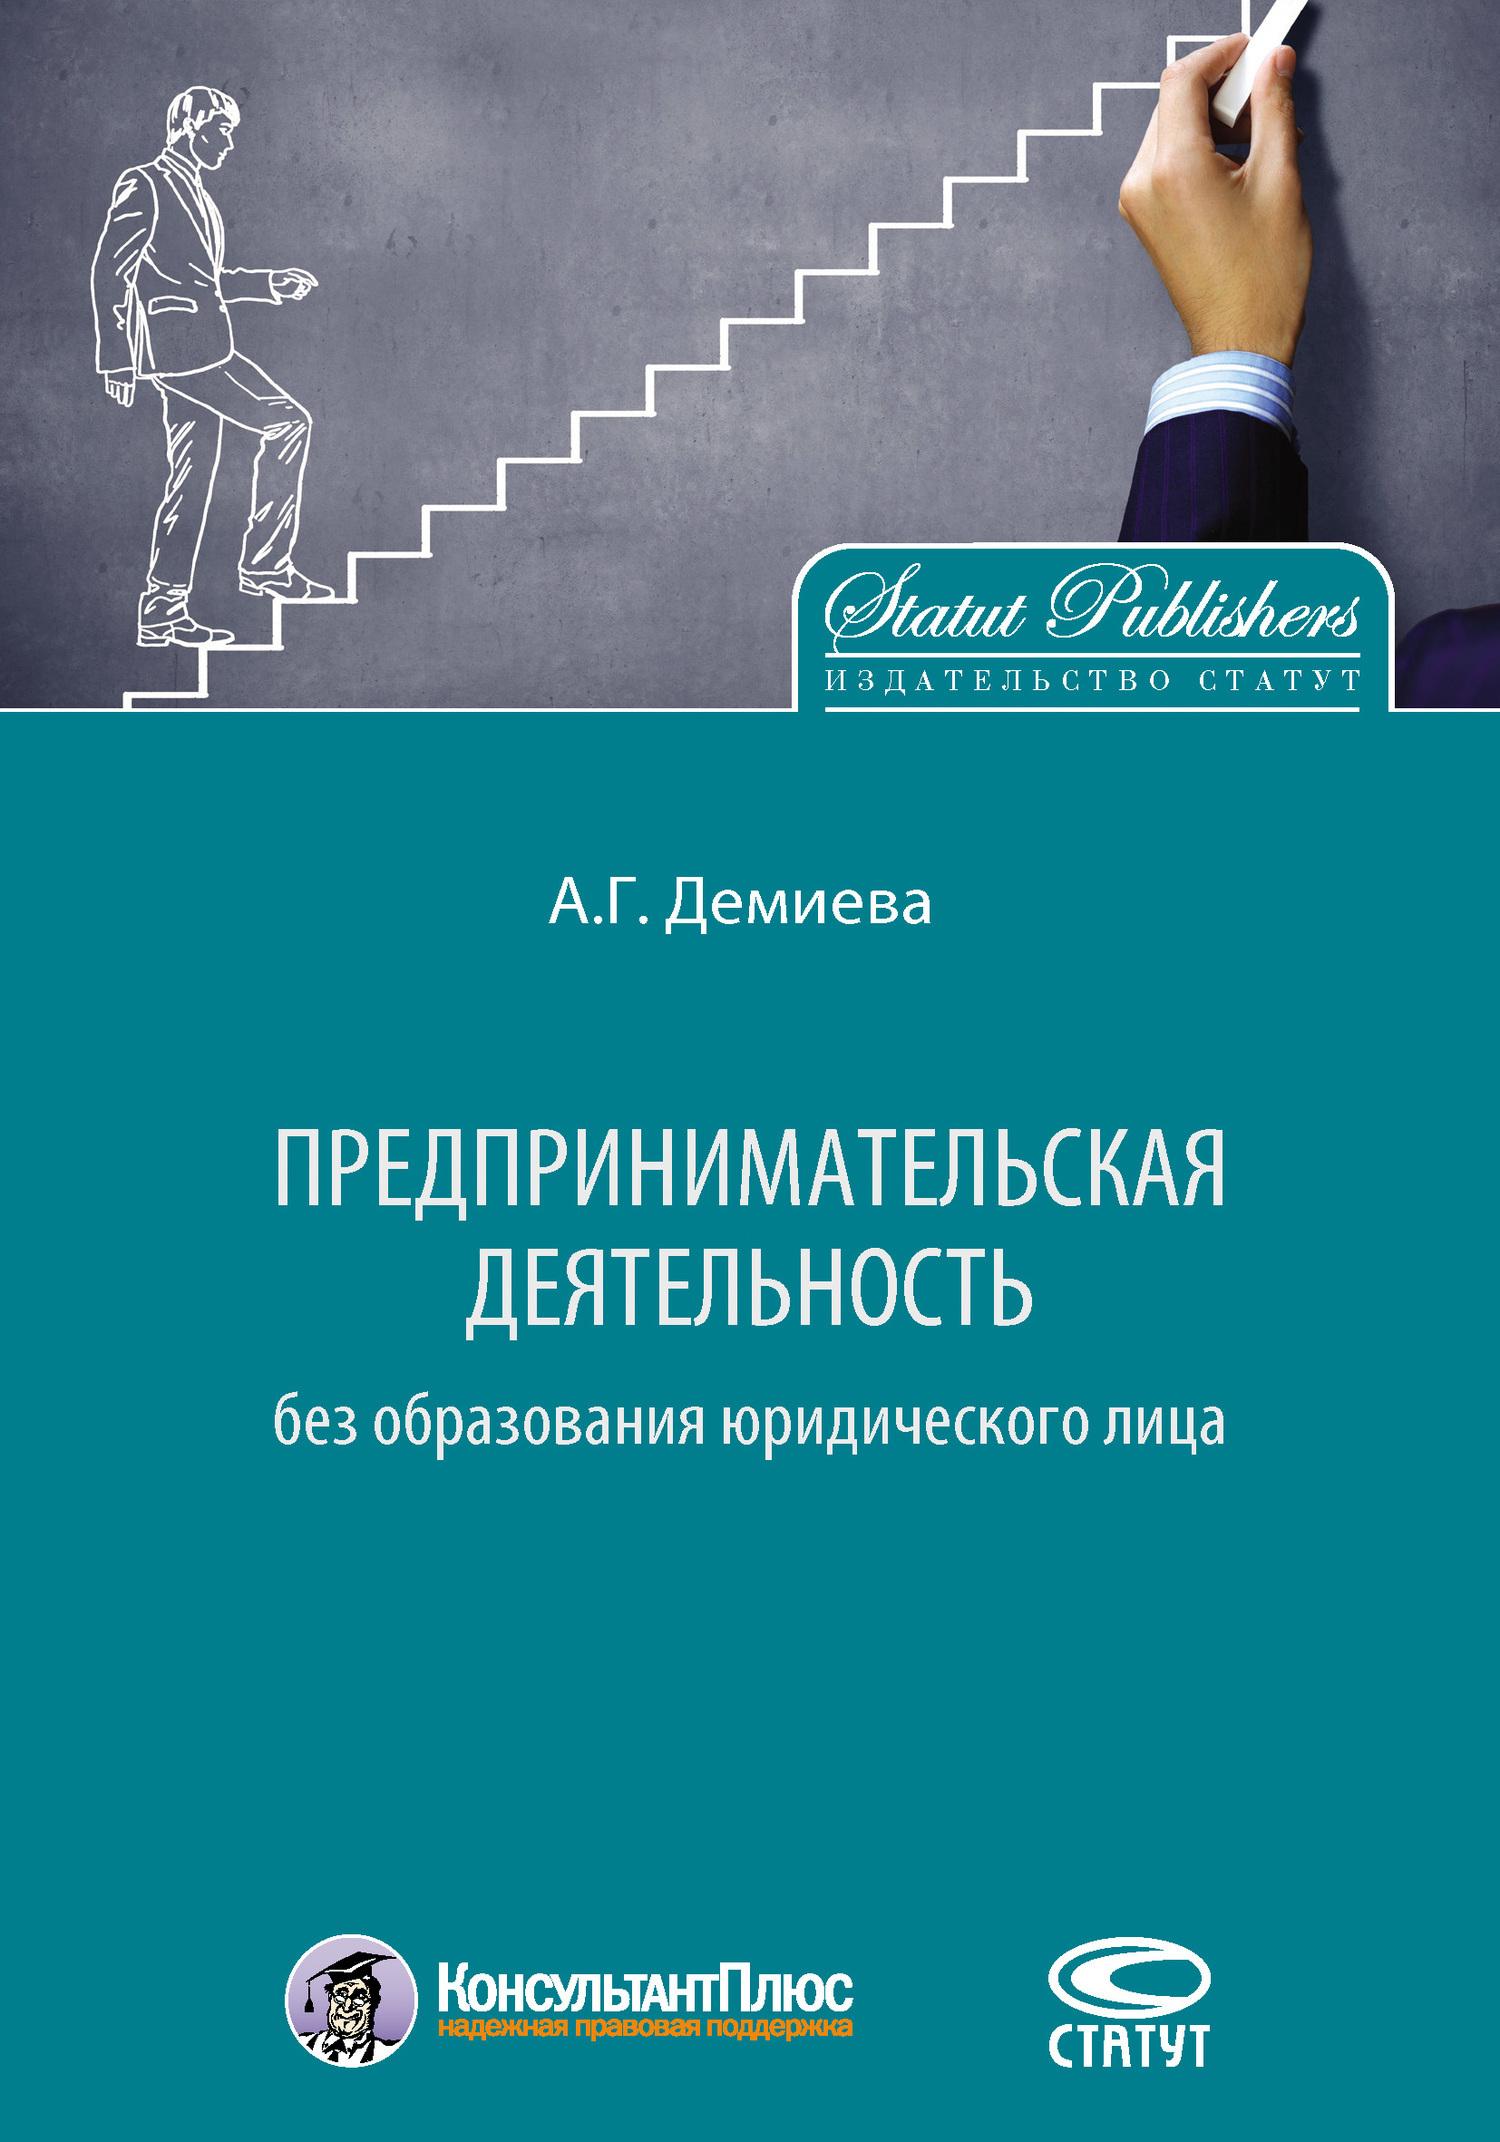 Предпринимательская деятельность без образования юридического лица